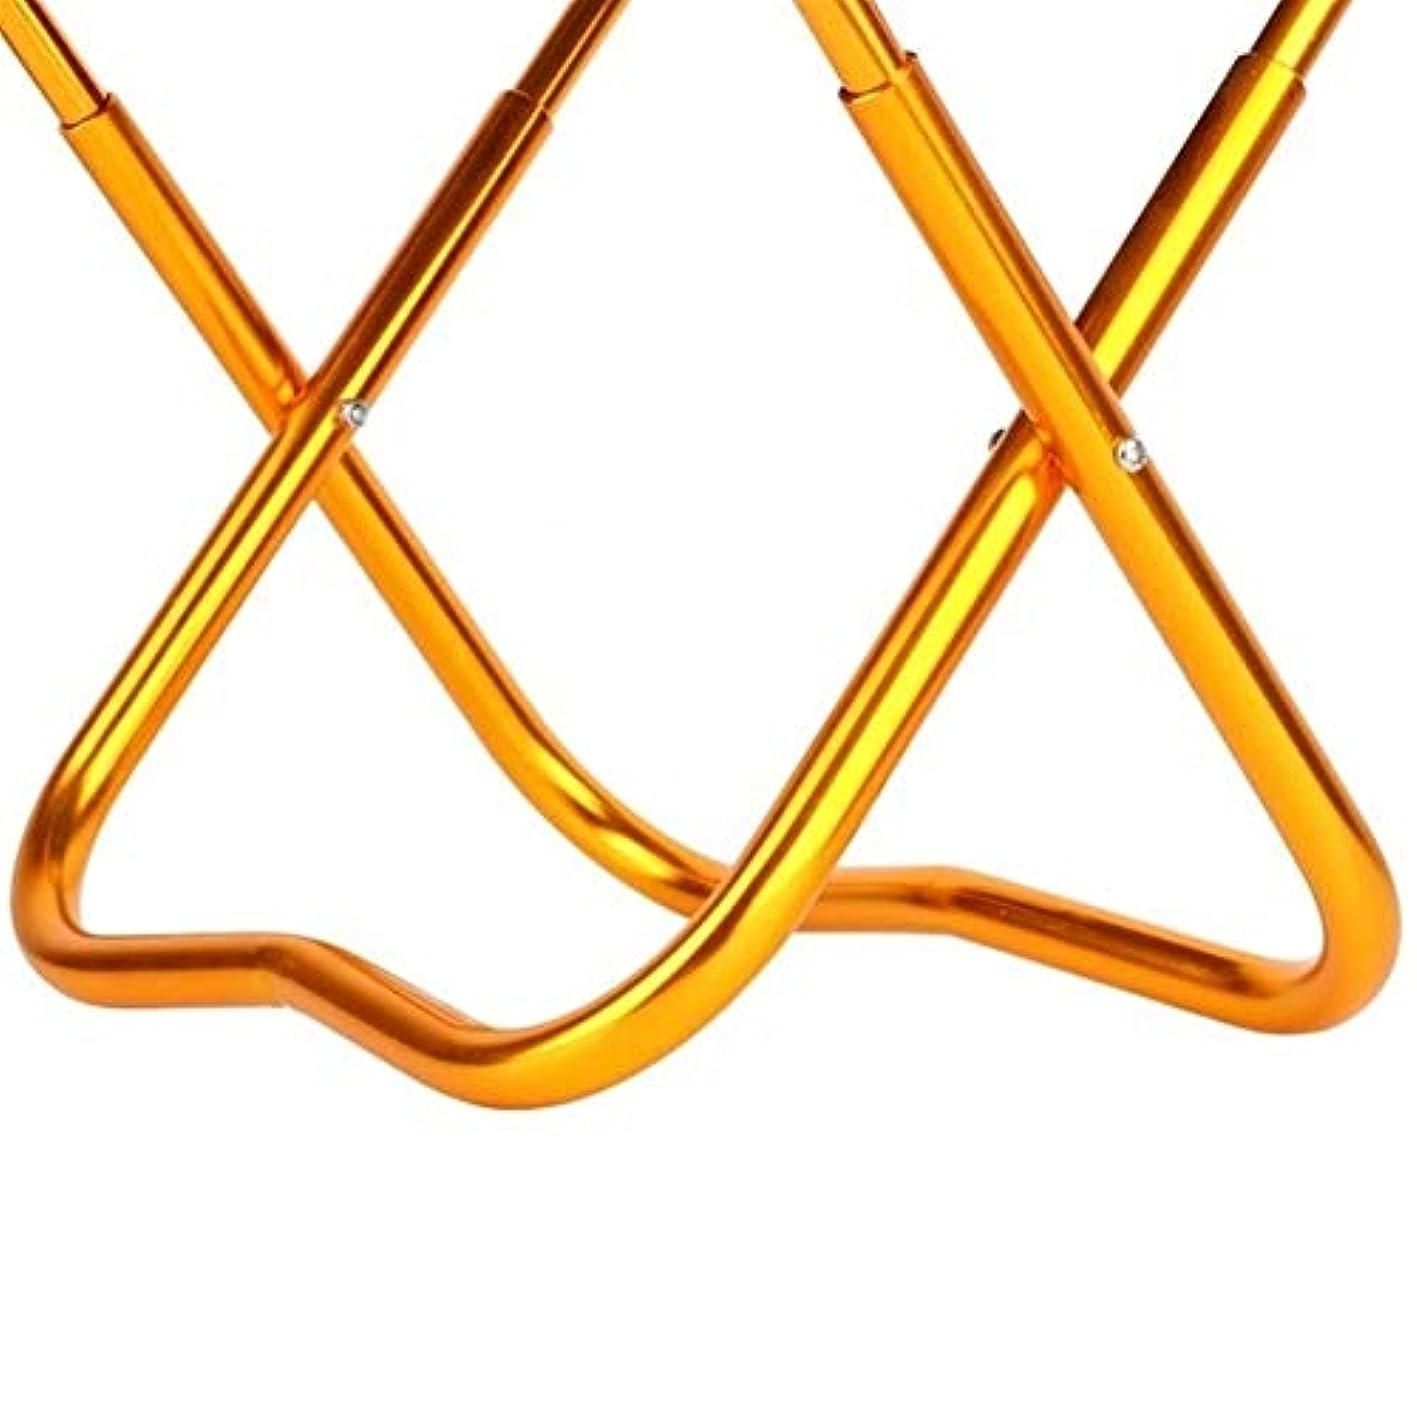 トチの実の木起訴する運搬屋外ポータブル折りたたみ椅子キャンプ釣りピクニックチェアアルミビーチミニシート長椅子longue s58wrf6s23gty